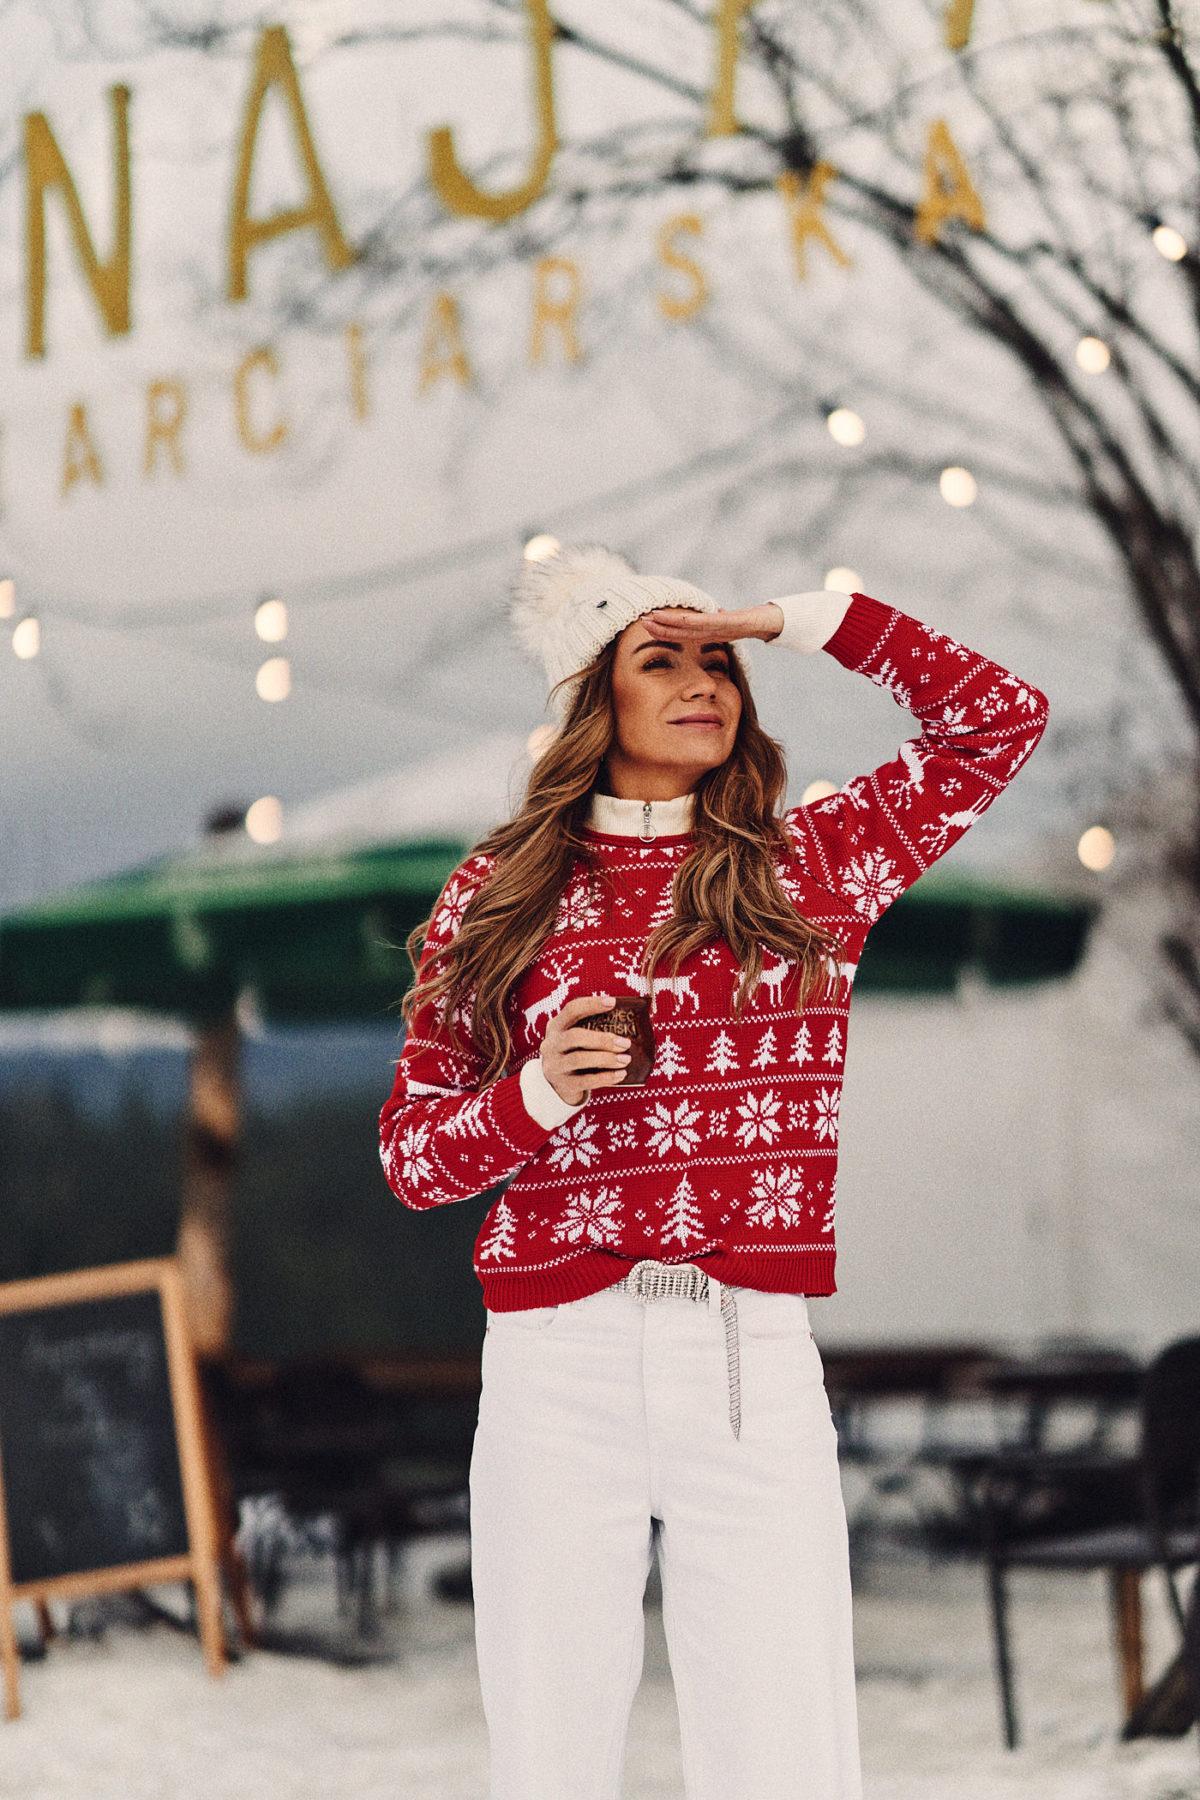 Świąteczny sweter- wyjątkowy prezent nie tylko pod choinkę